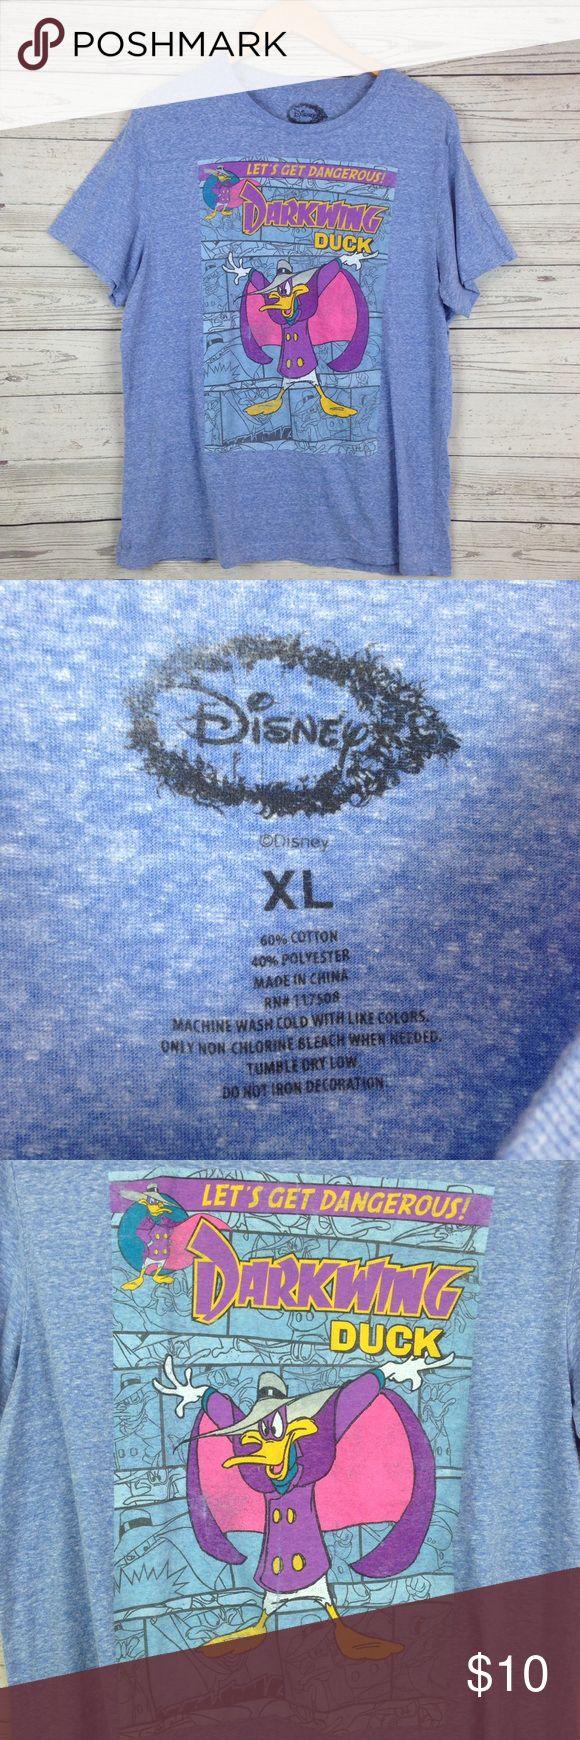 Dark wing duck Disney t shirt blue women's XL Size Xl. Has a little piling from wear Disney Tops Tees - Short Sleeve